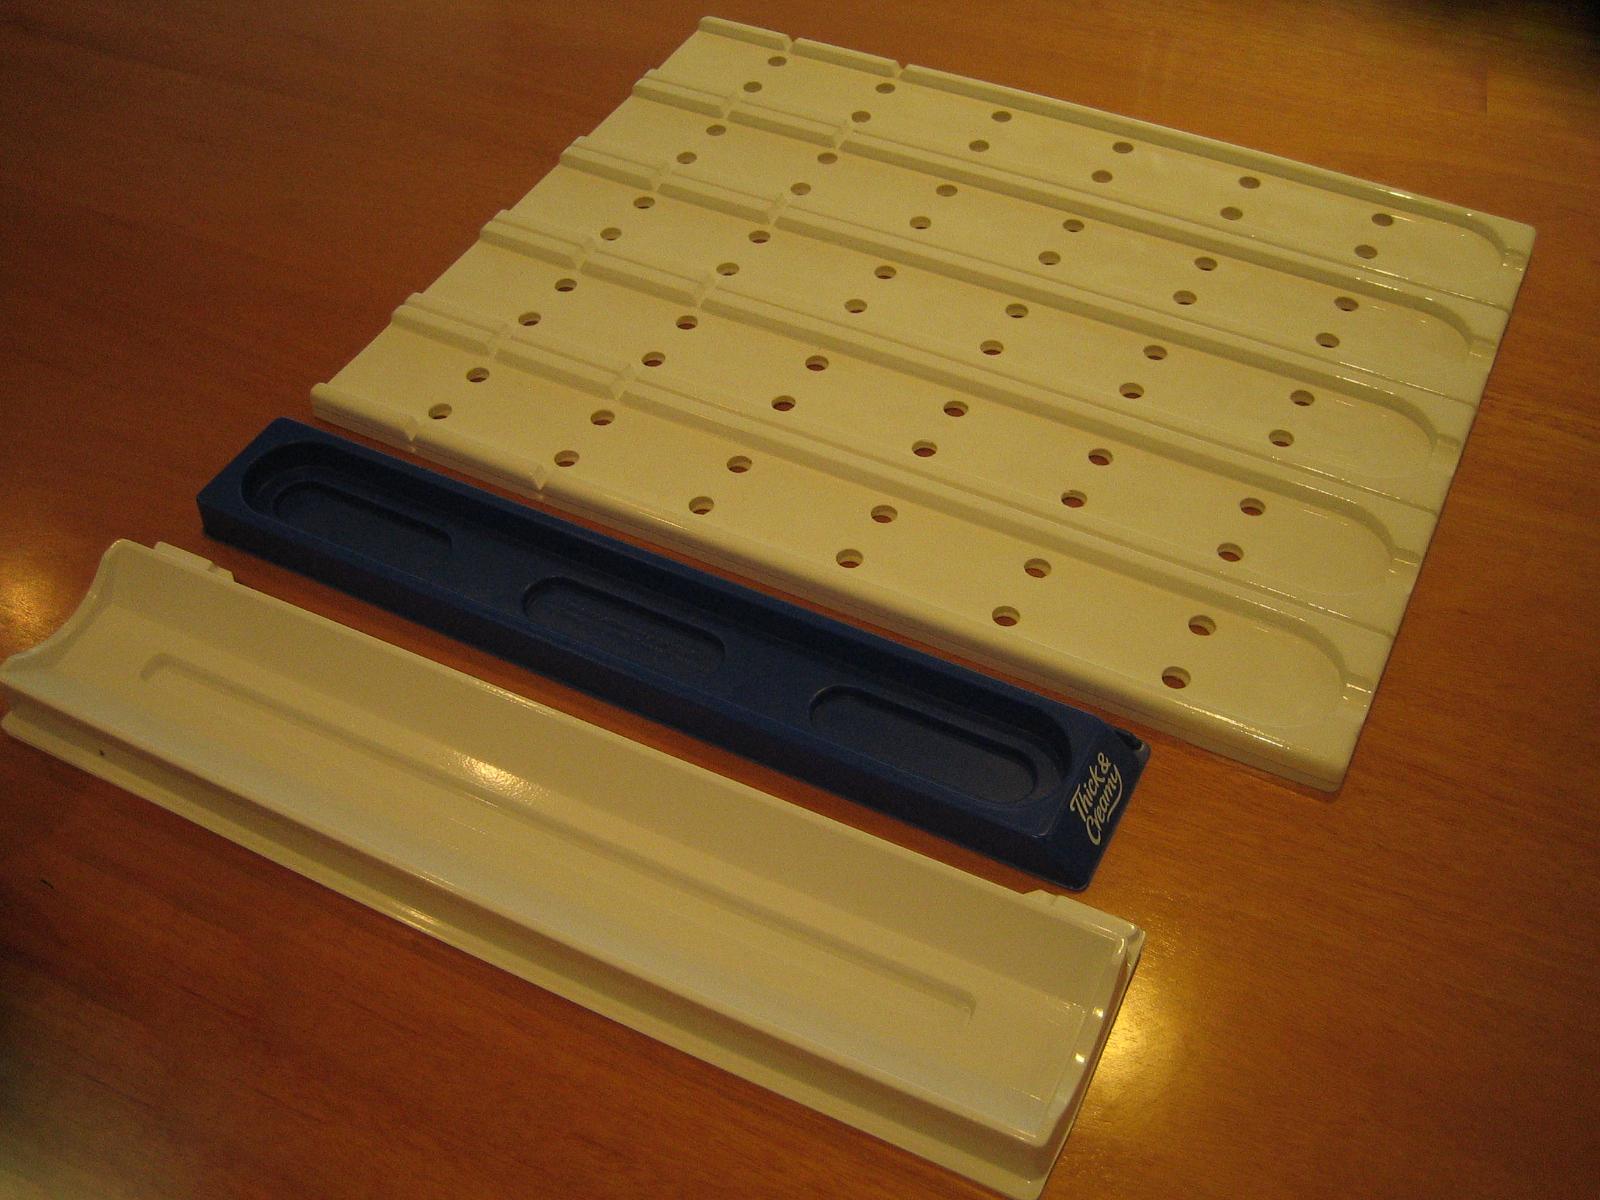 Freezer grade HIPS mouldings for shelf management inside supermarket fridge and freezer section.